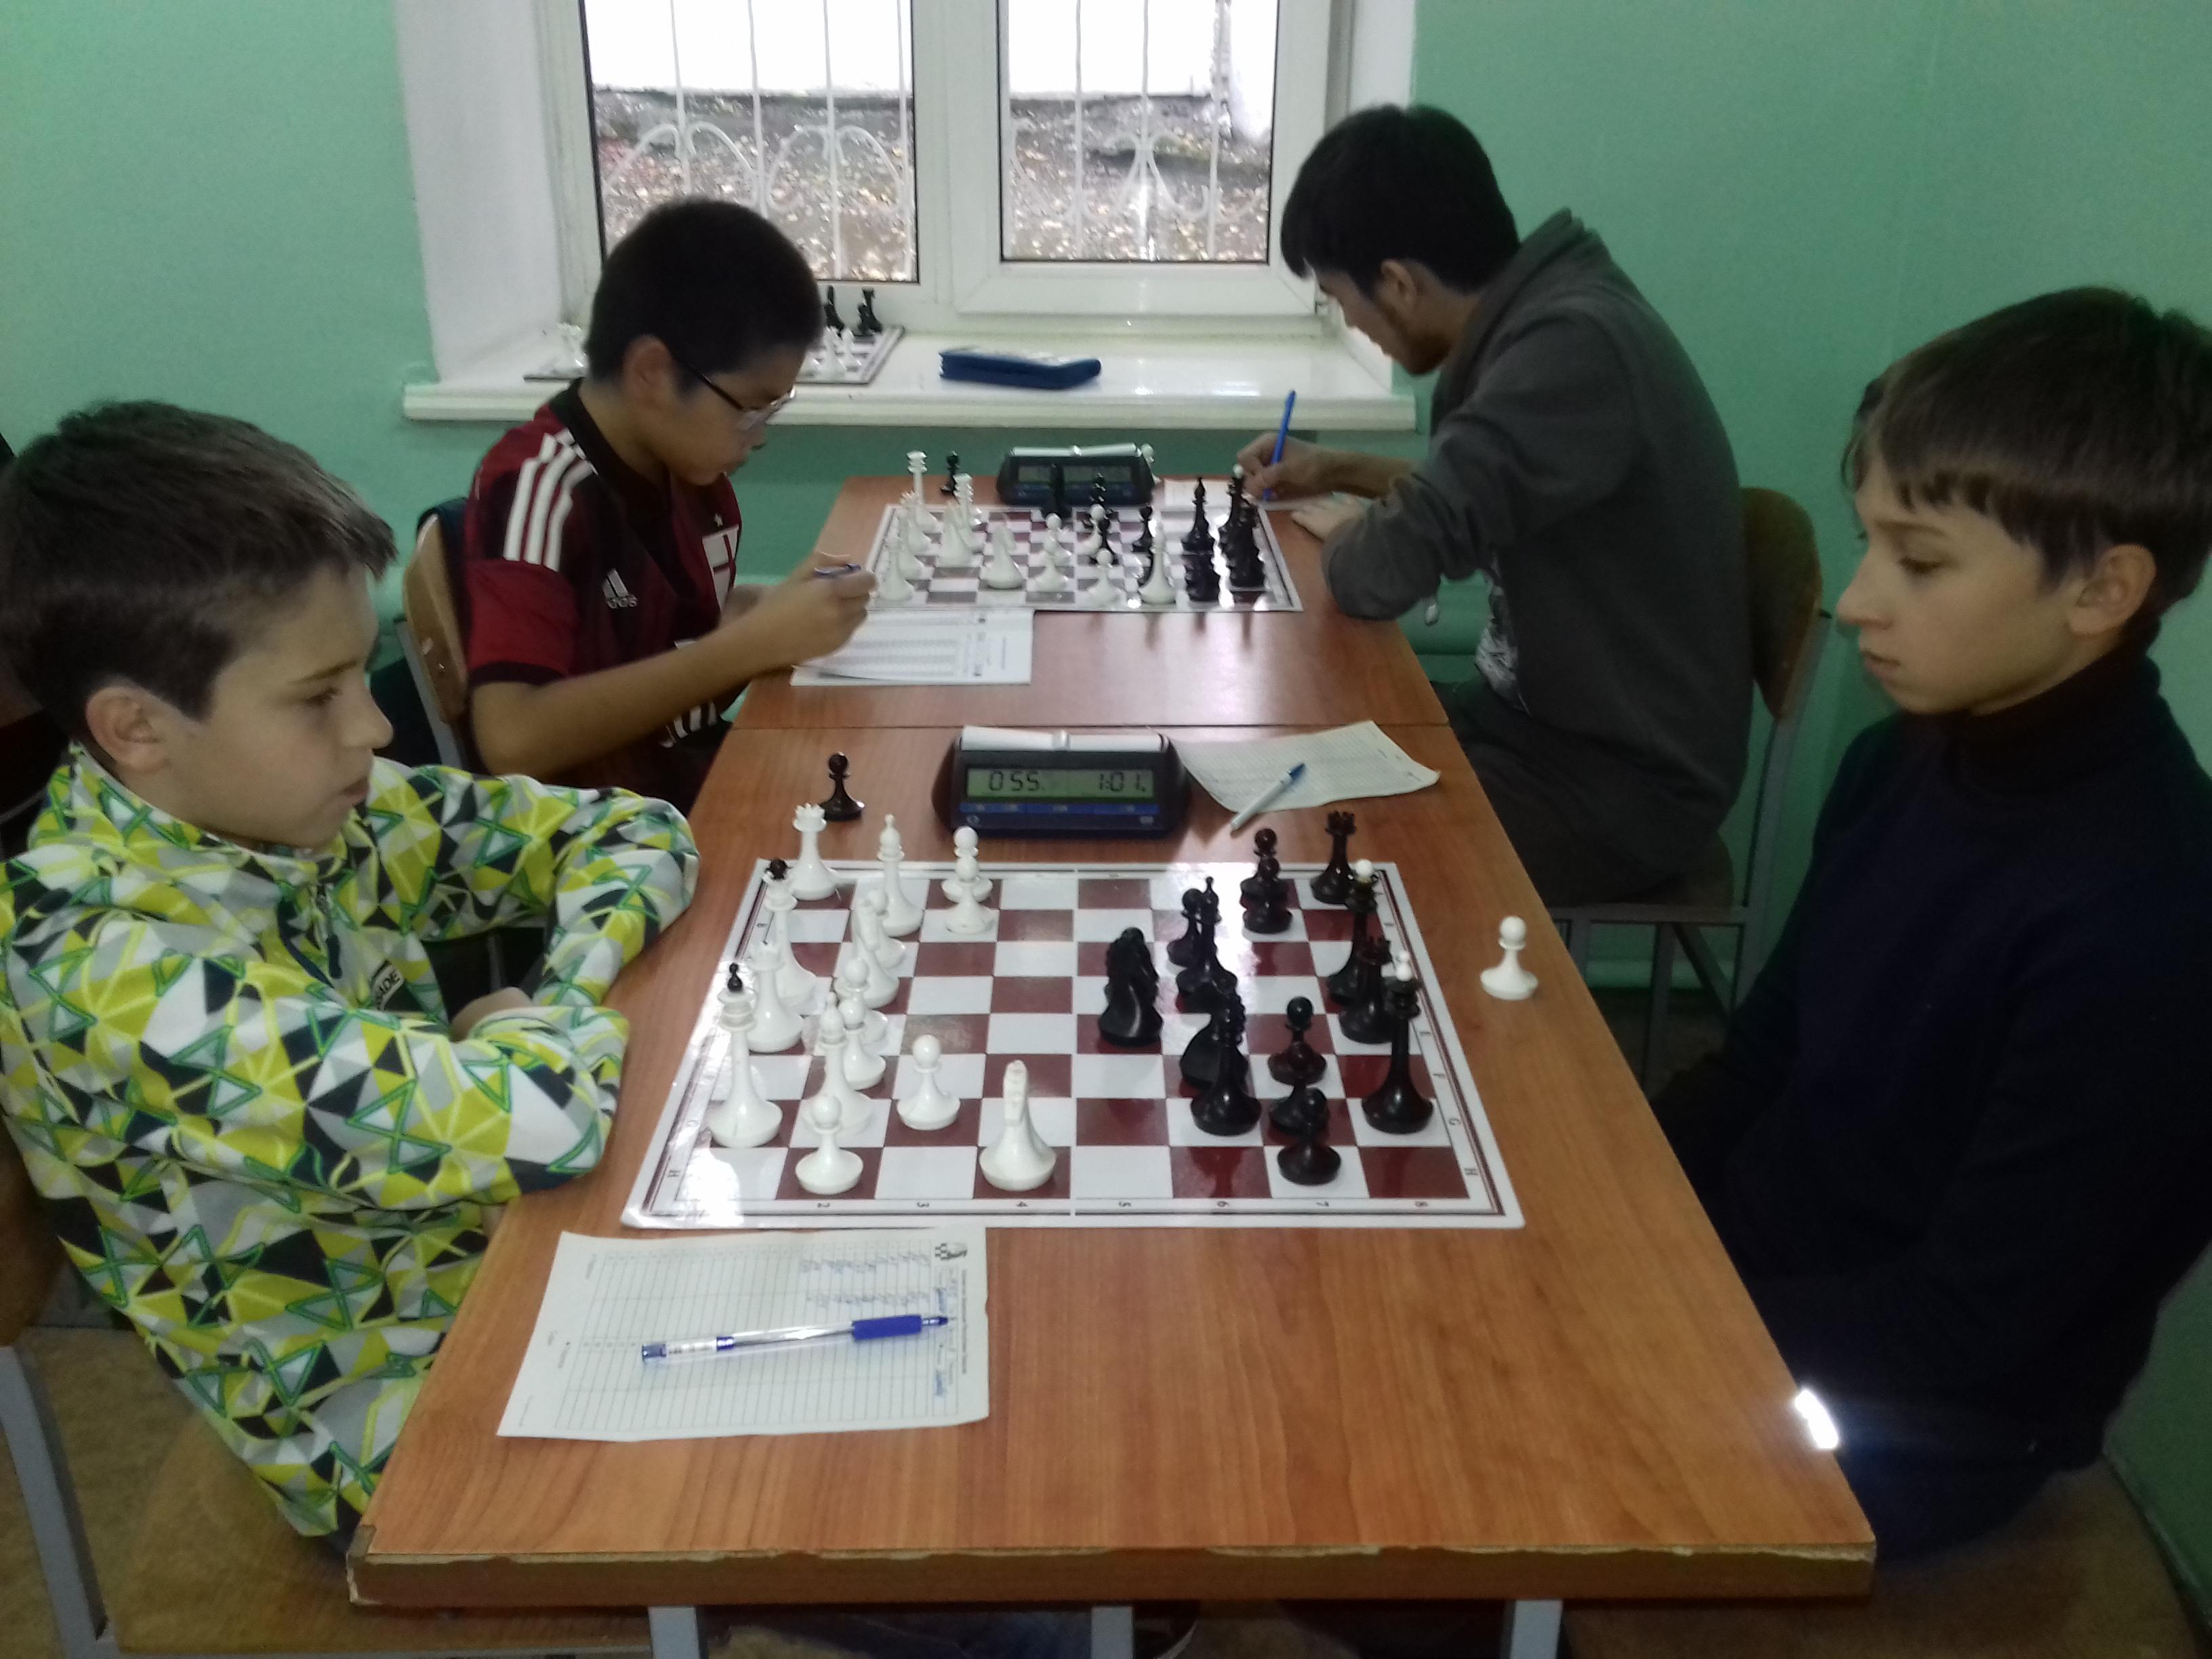 На дальнем плане Канзычаков побеждает Самбурского, на переднем плане Гунькин и Сейбель играют вничью.